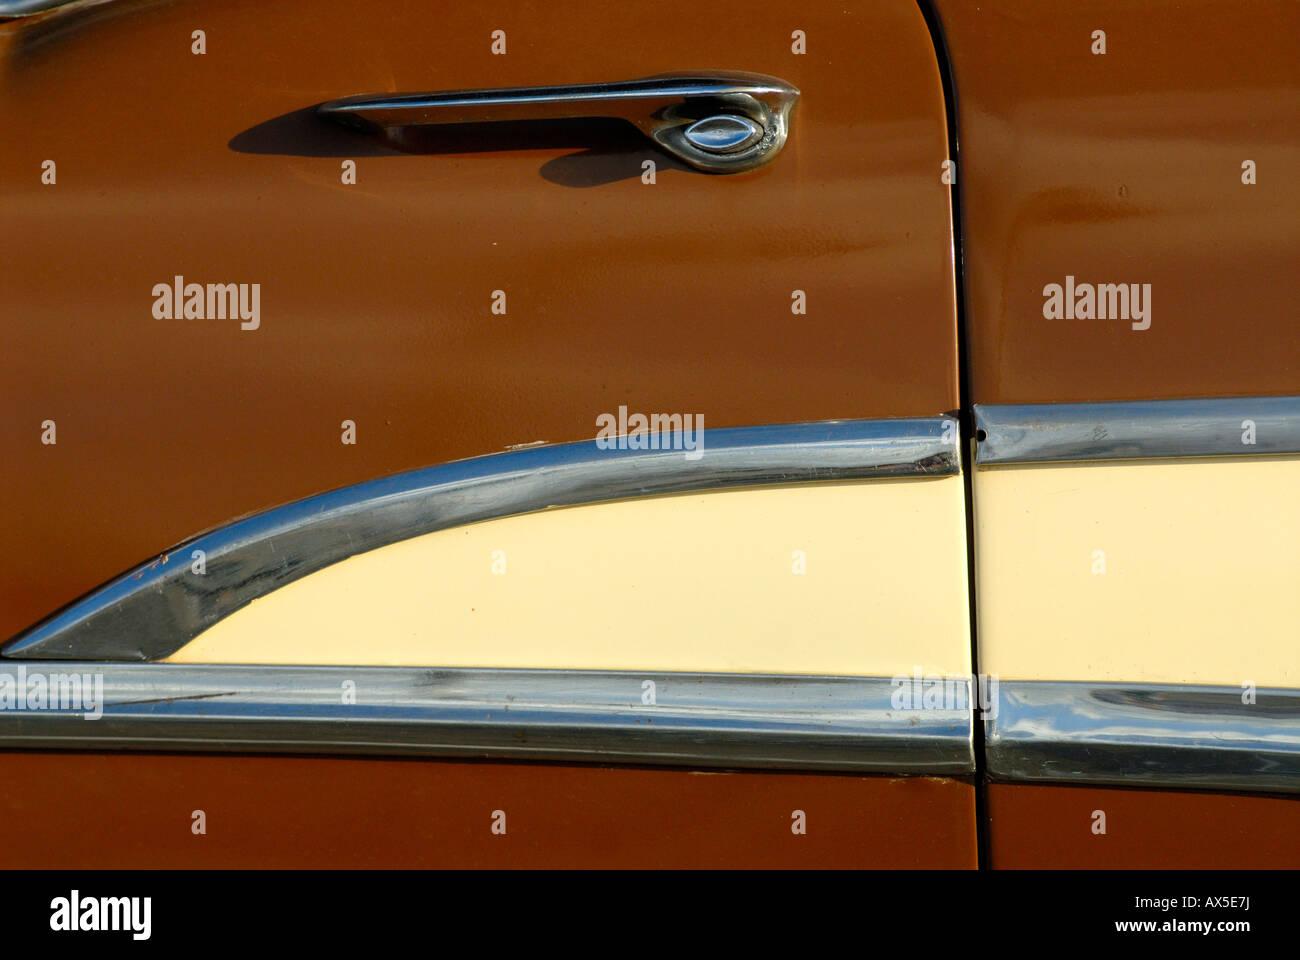 Door of a brown vintage car, Havana, Cuba - Stock Image